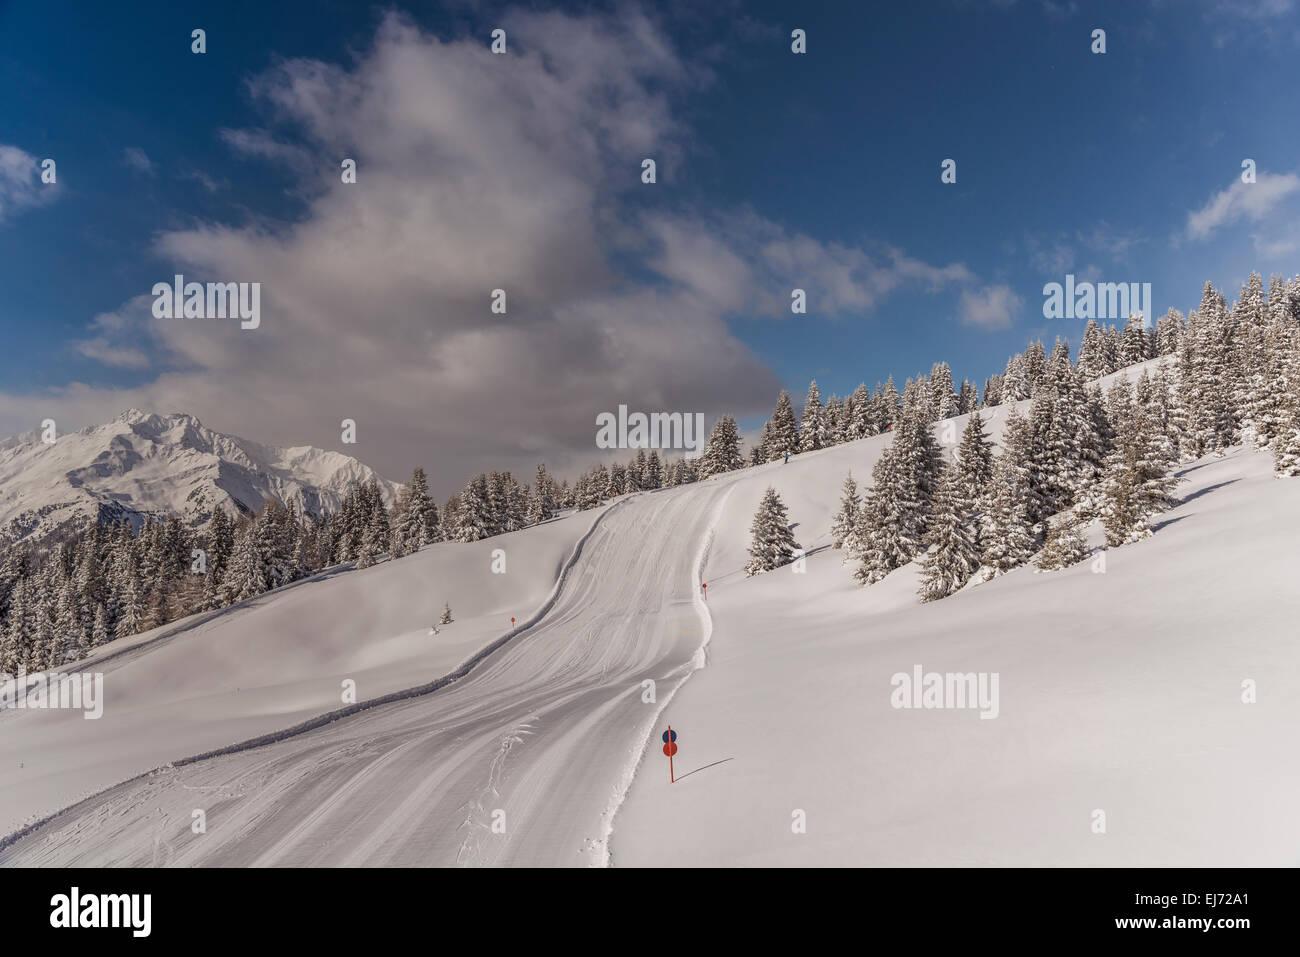 Tracciato di sci invernale, foresta, Venet, Zams, Verwall gruppo sul retro, Tirolo, Austria Immagini Stock